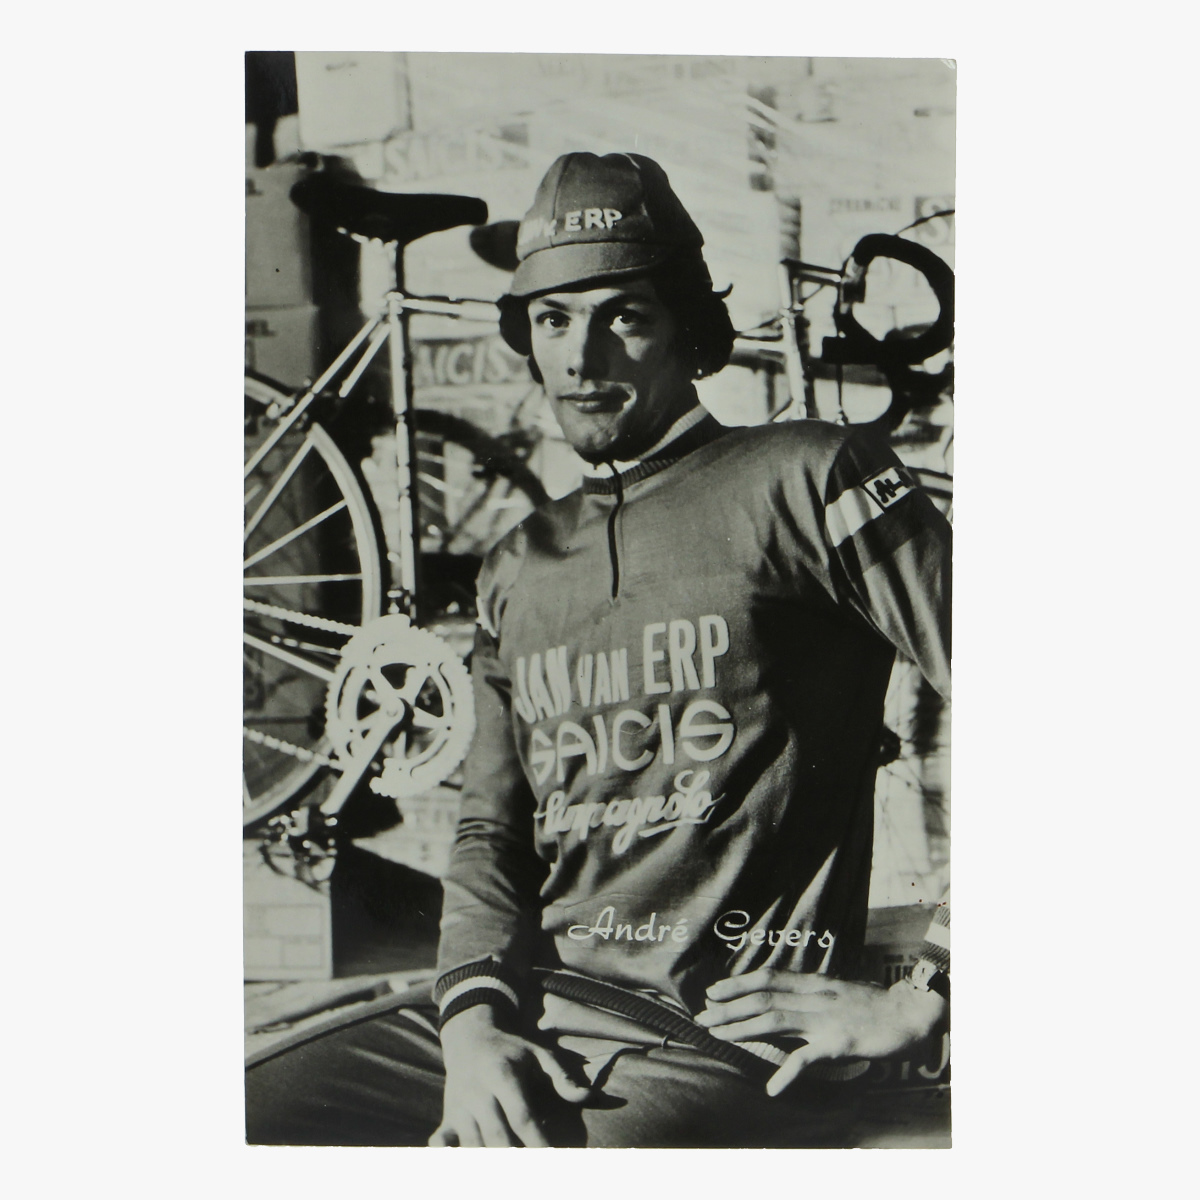 """Afbeeldingen van foto wielerploeg 1975 """"jan van erp - saicis"""""""